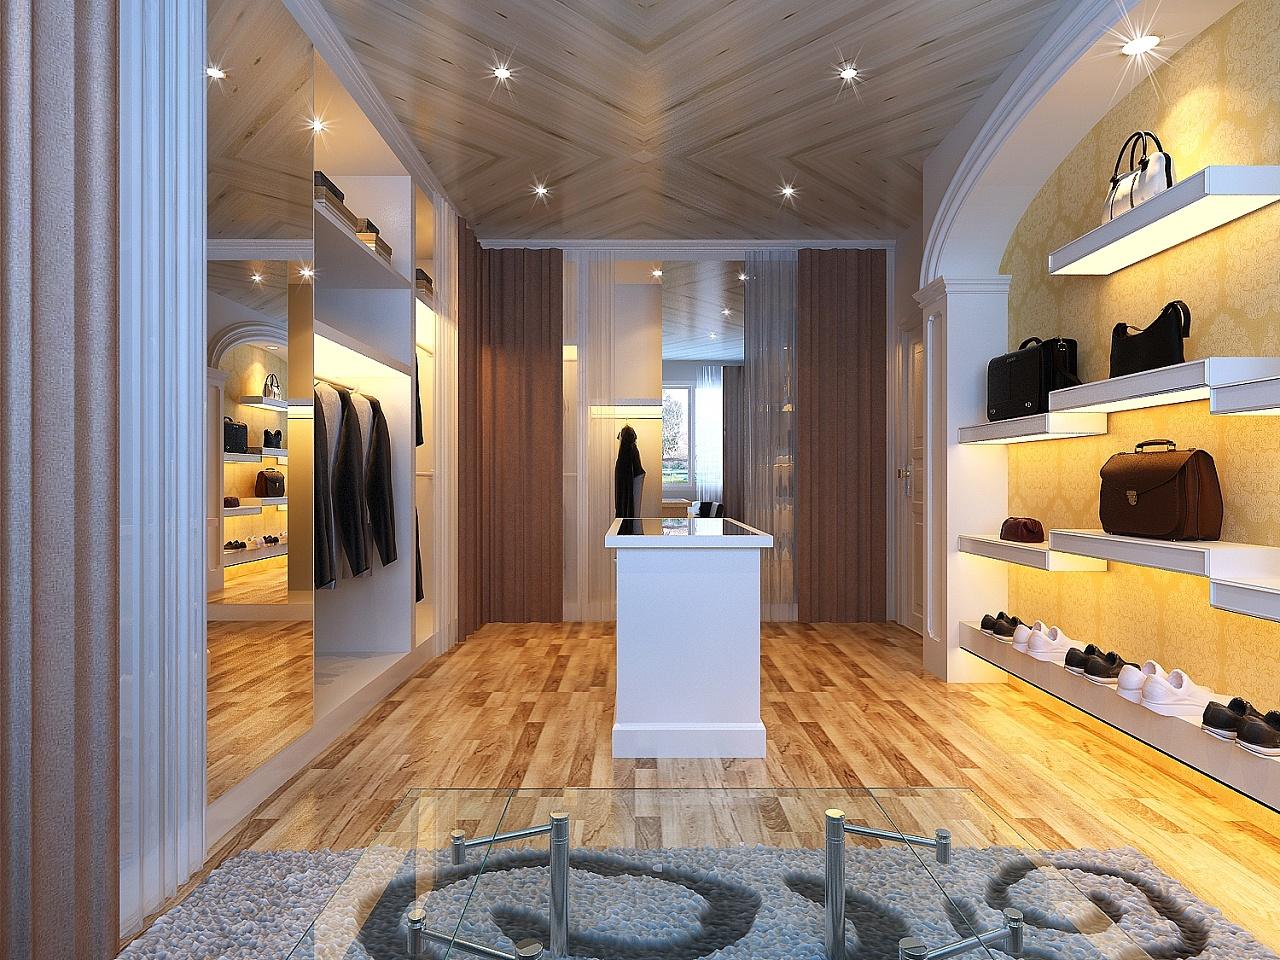 贵阳市金源国际200平米复式楼简欧风格装修ag路子|官方网站分享--衣帽间